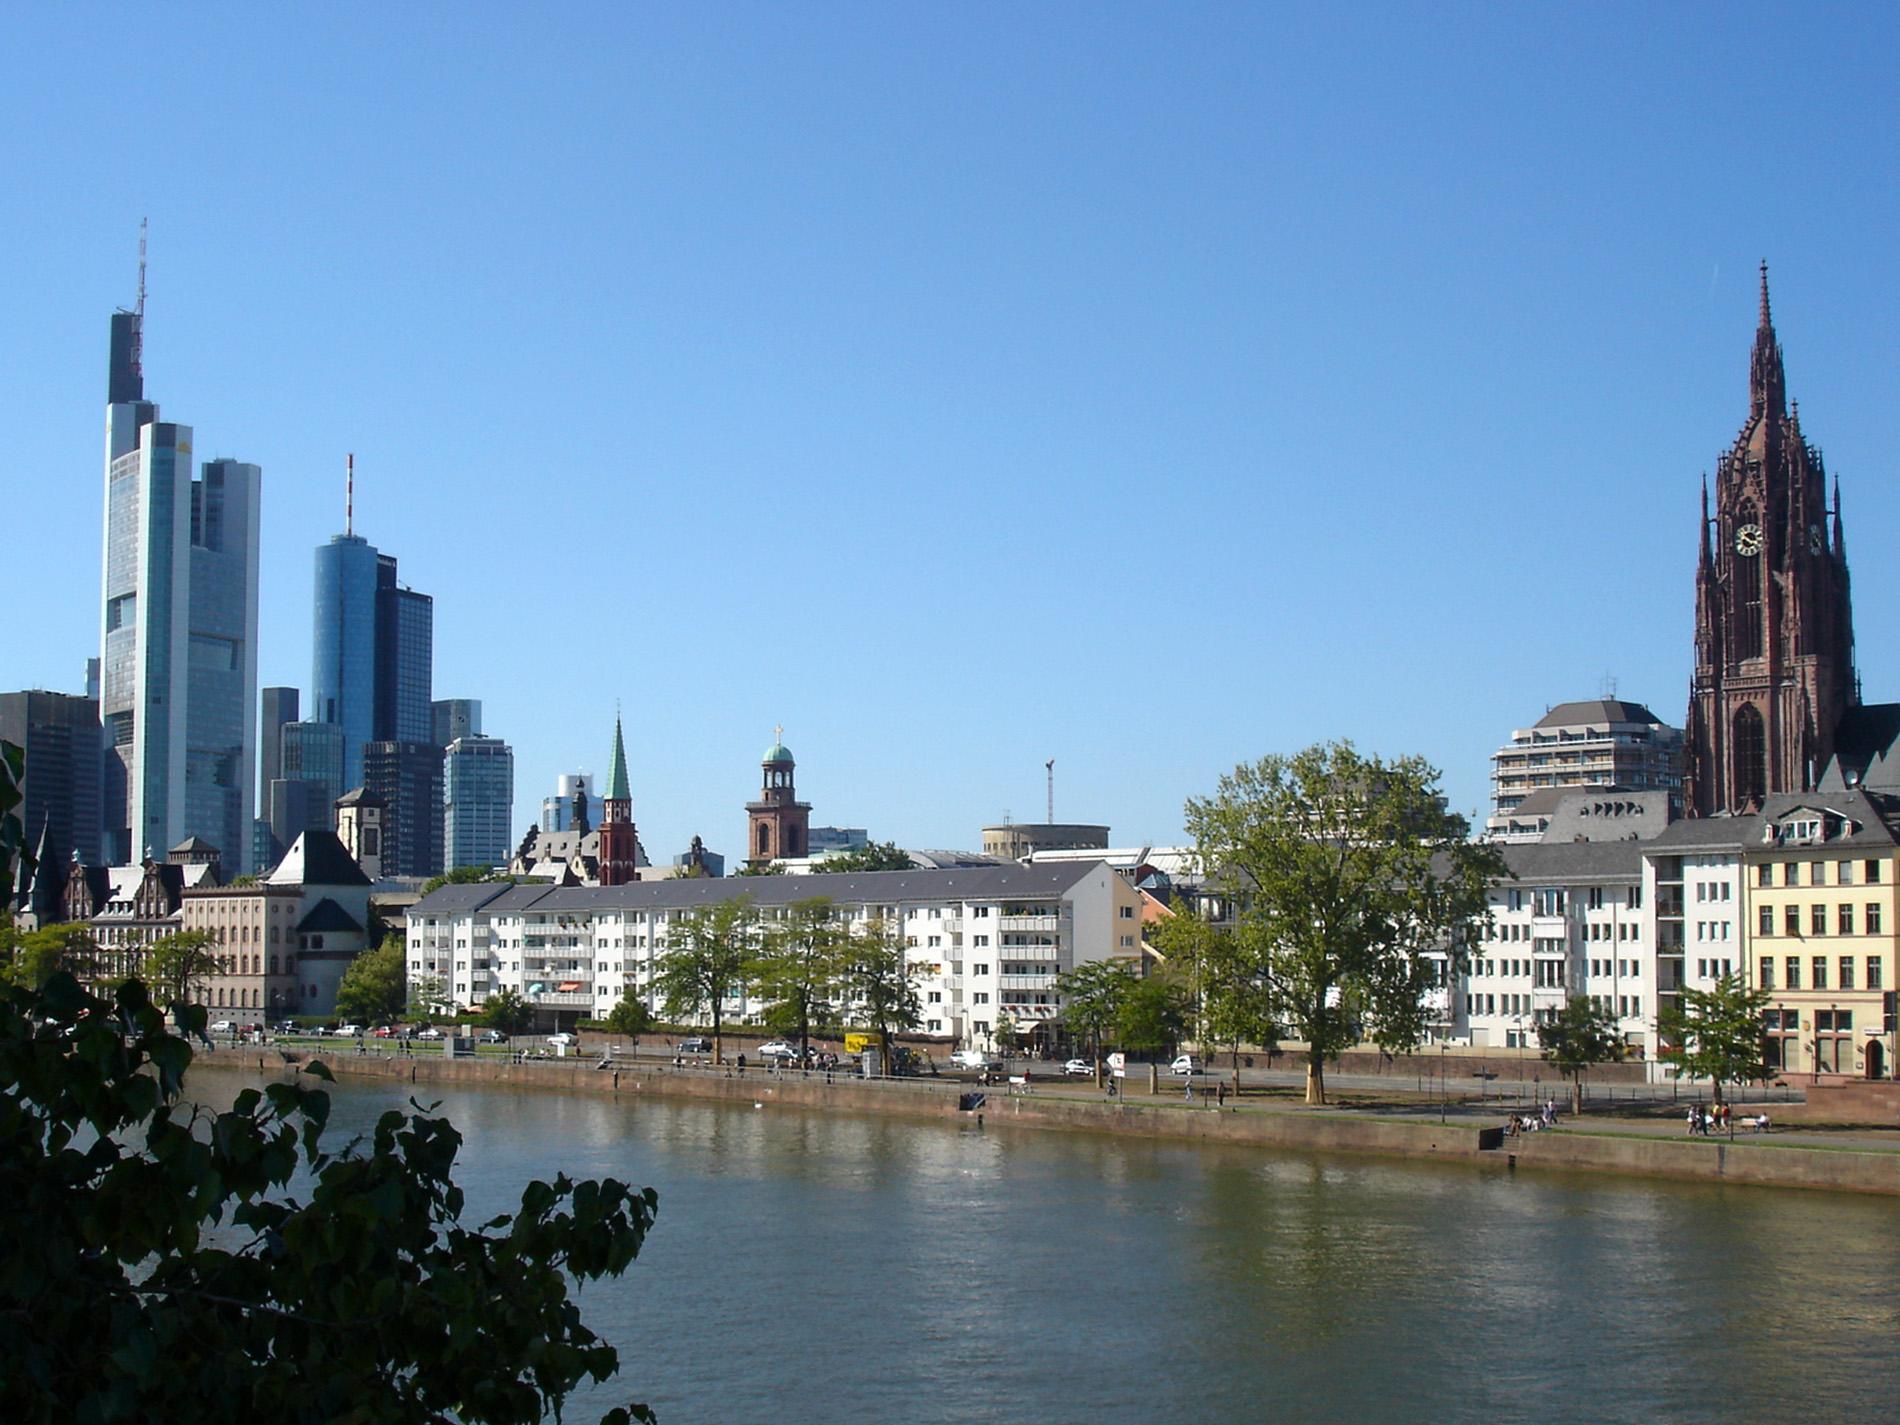 франкфурт на майне фото туристов обычной